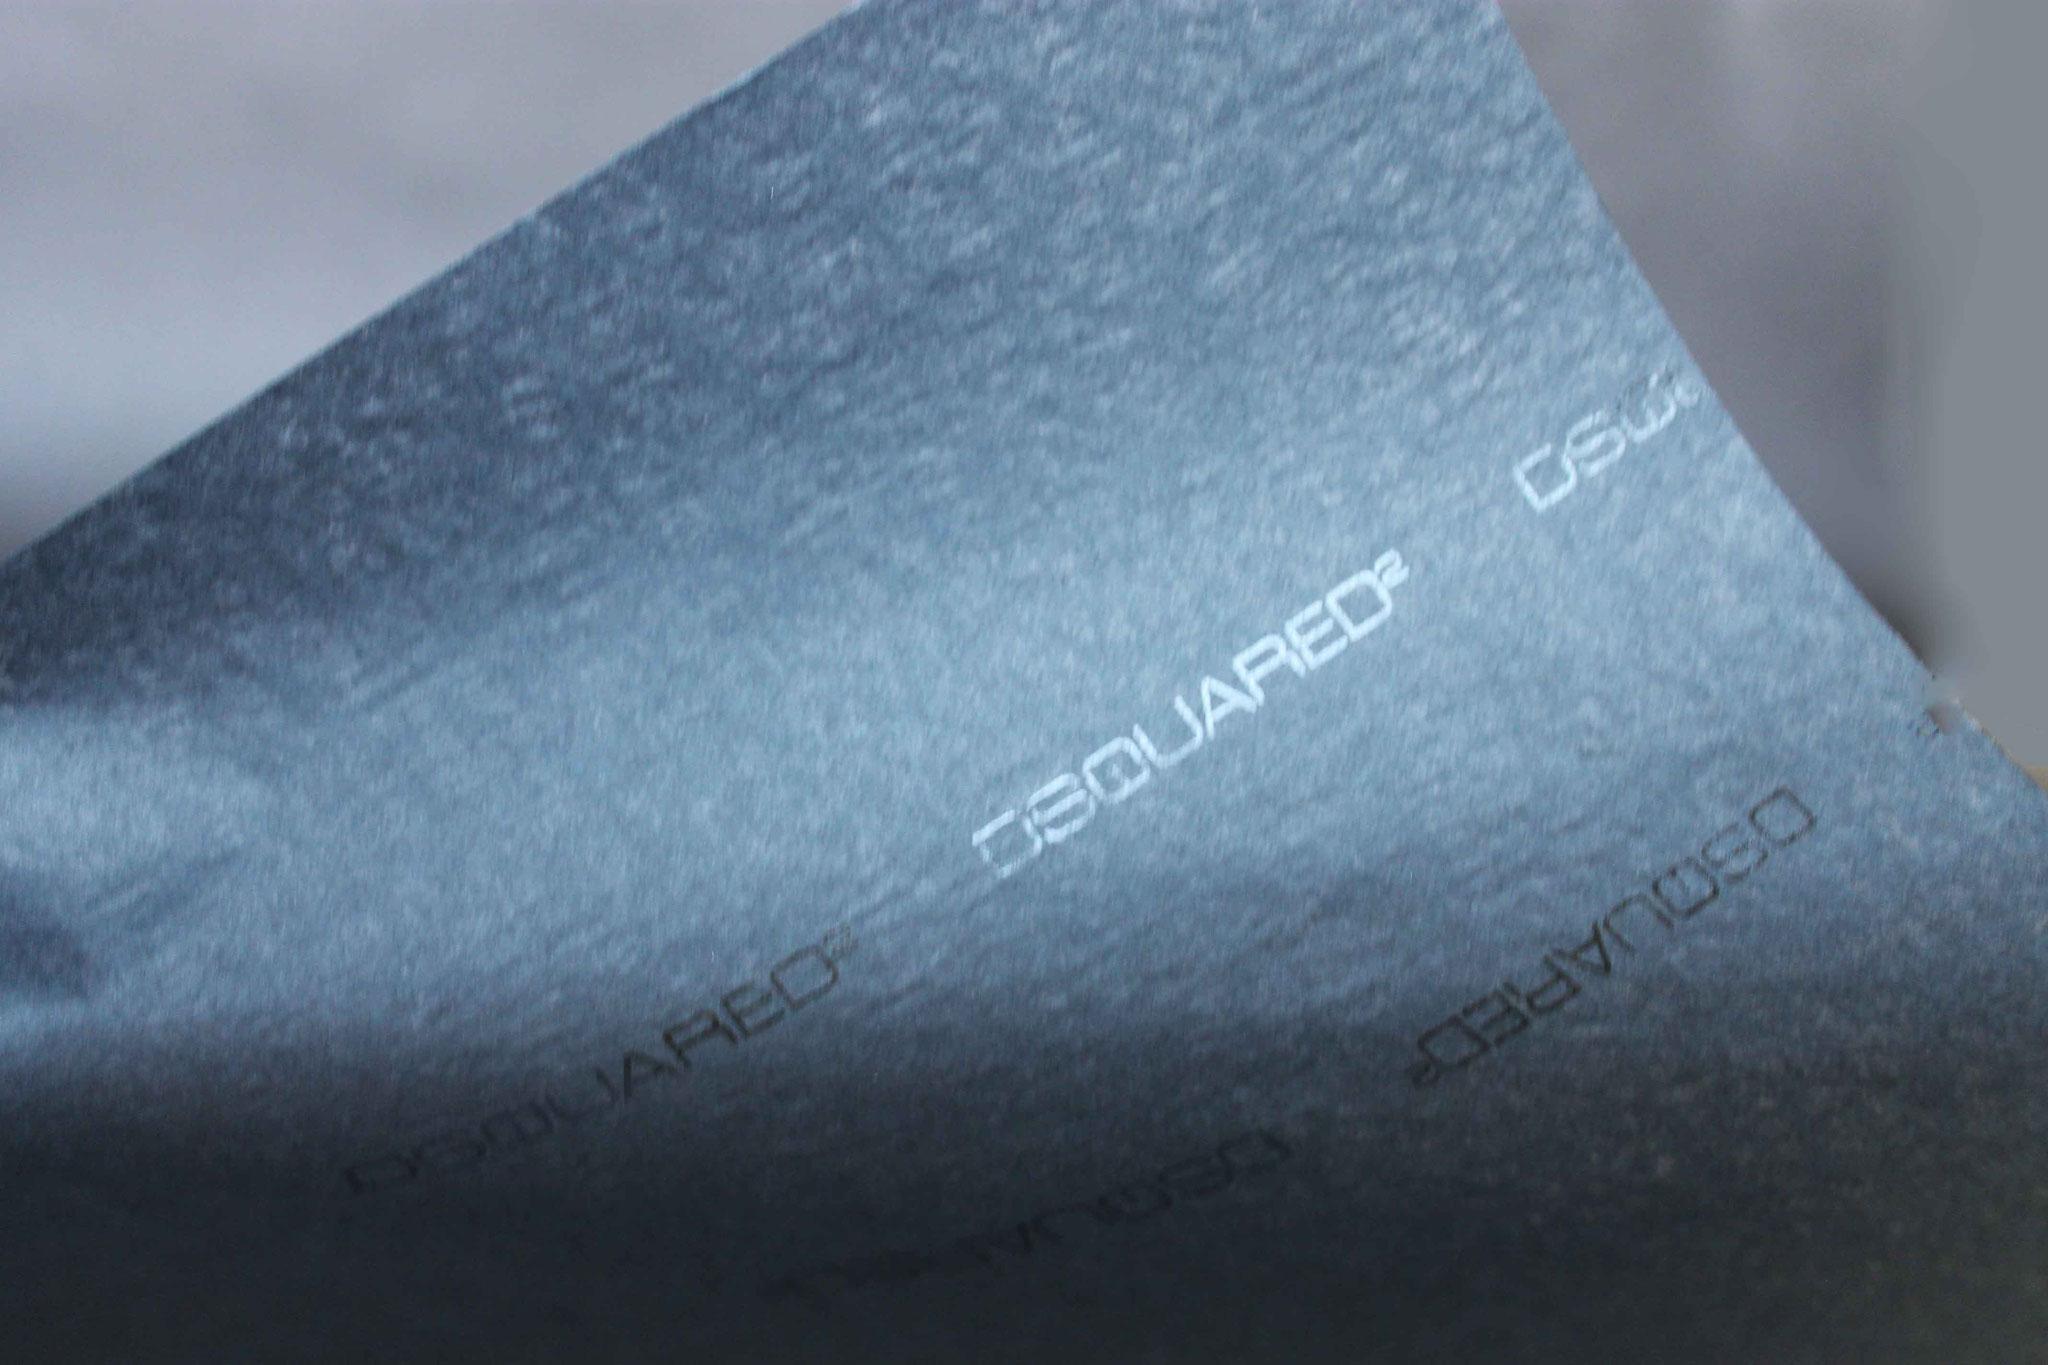 Druck: UV-Glanz, Papier: einseitig schwarz